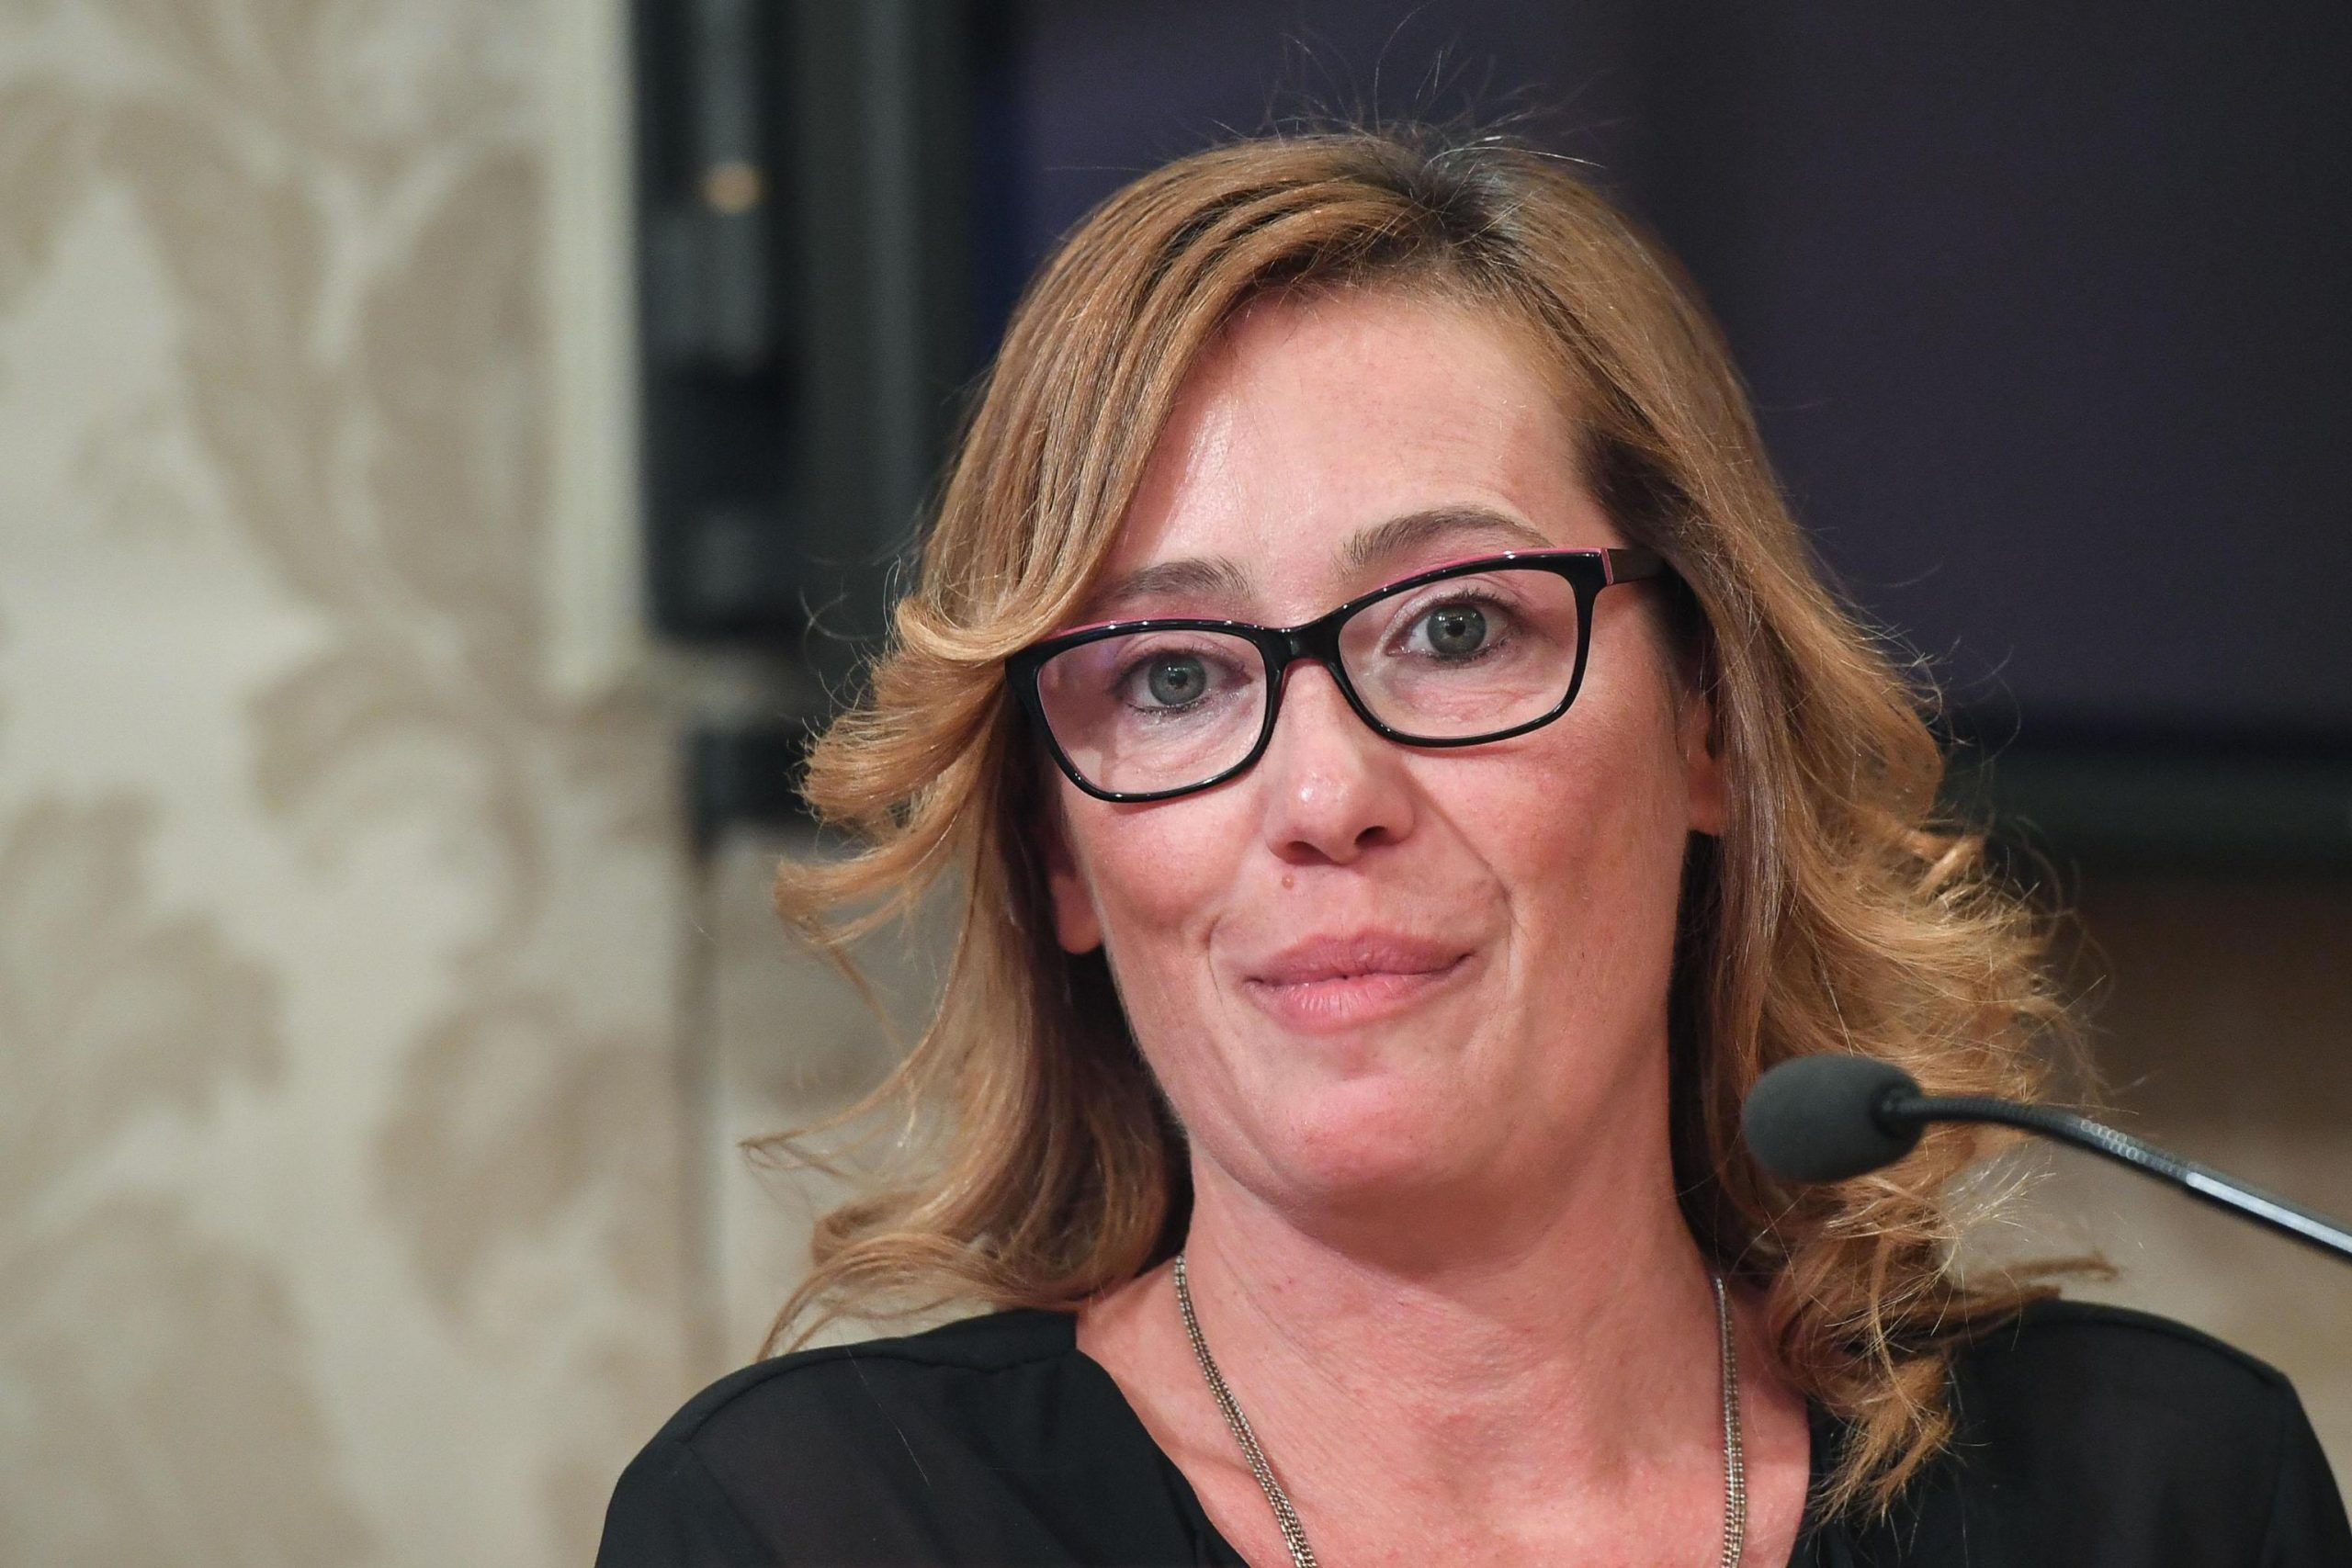 Ilaria Cucchi a Venezia 'Il film su mio fratello lo dedico a Salvini'